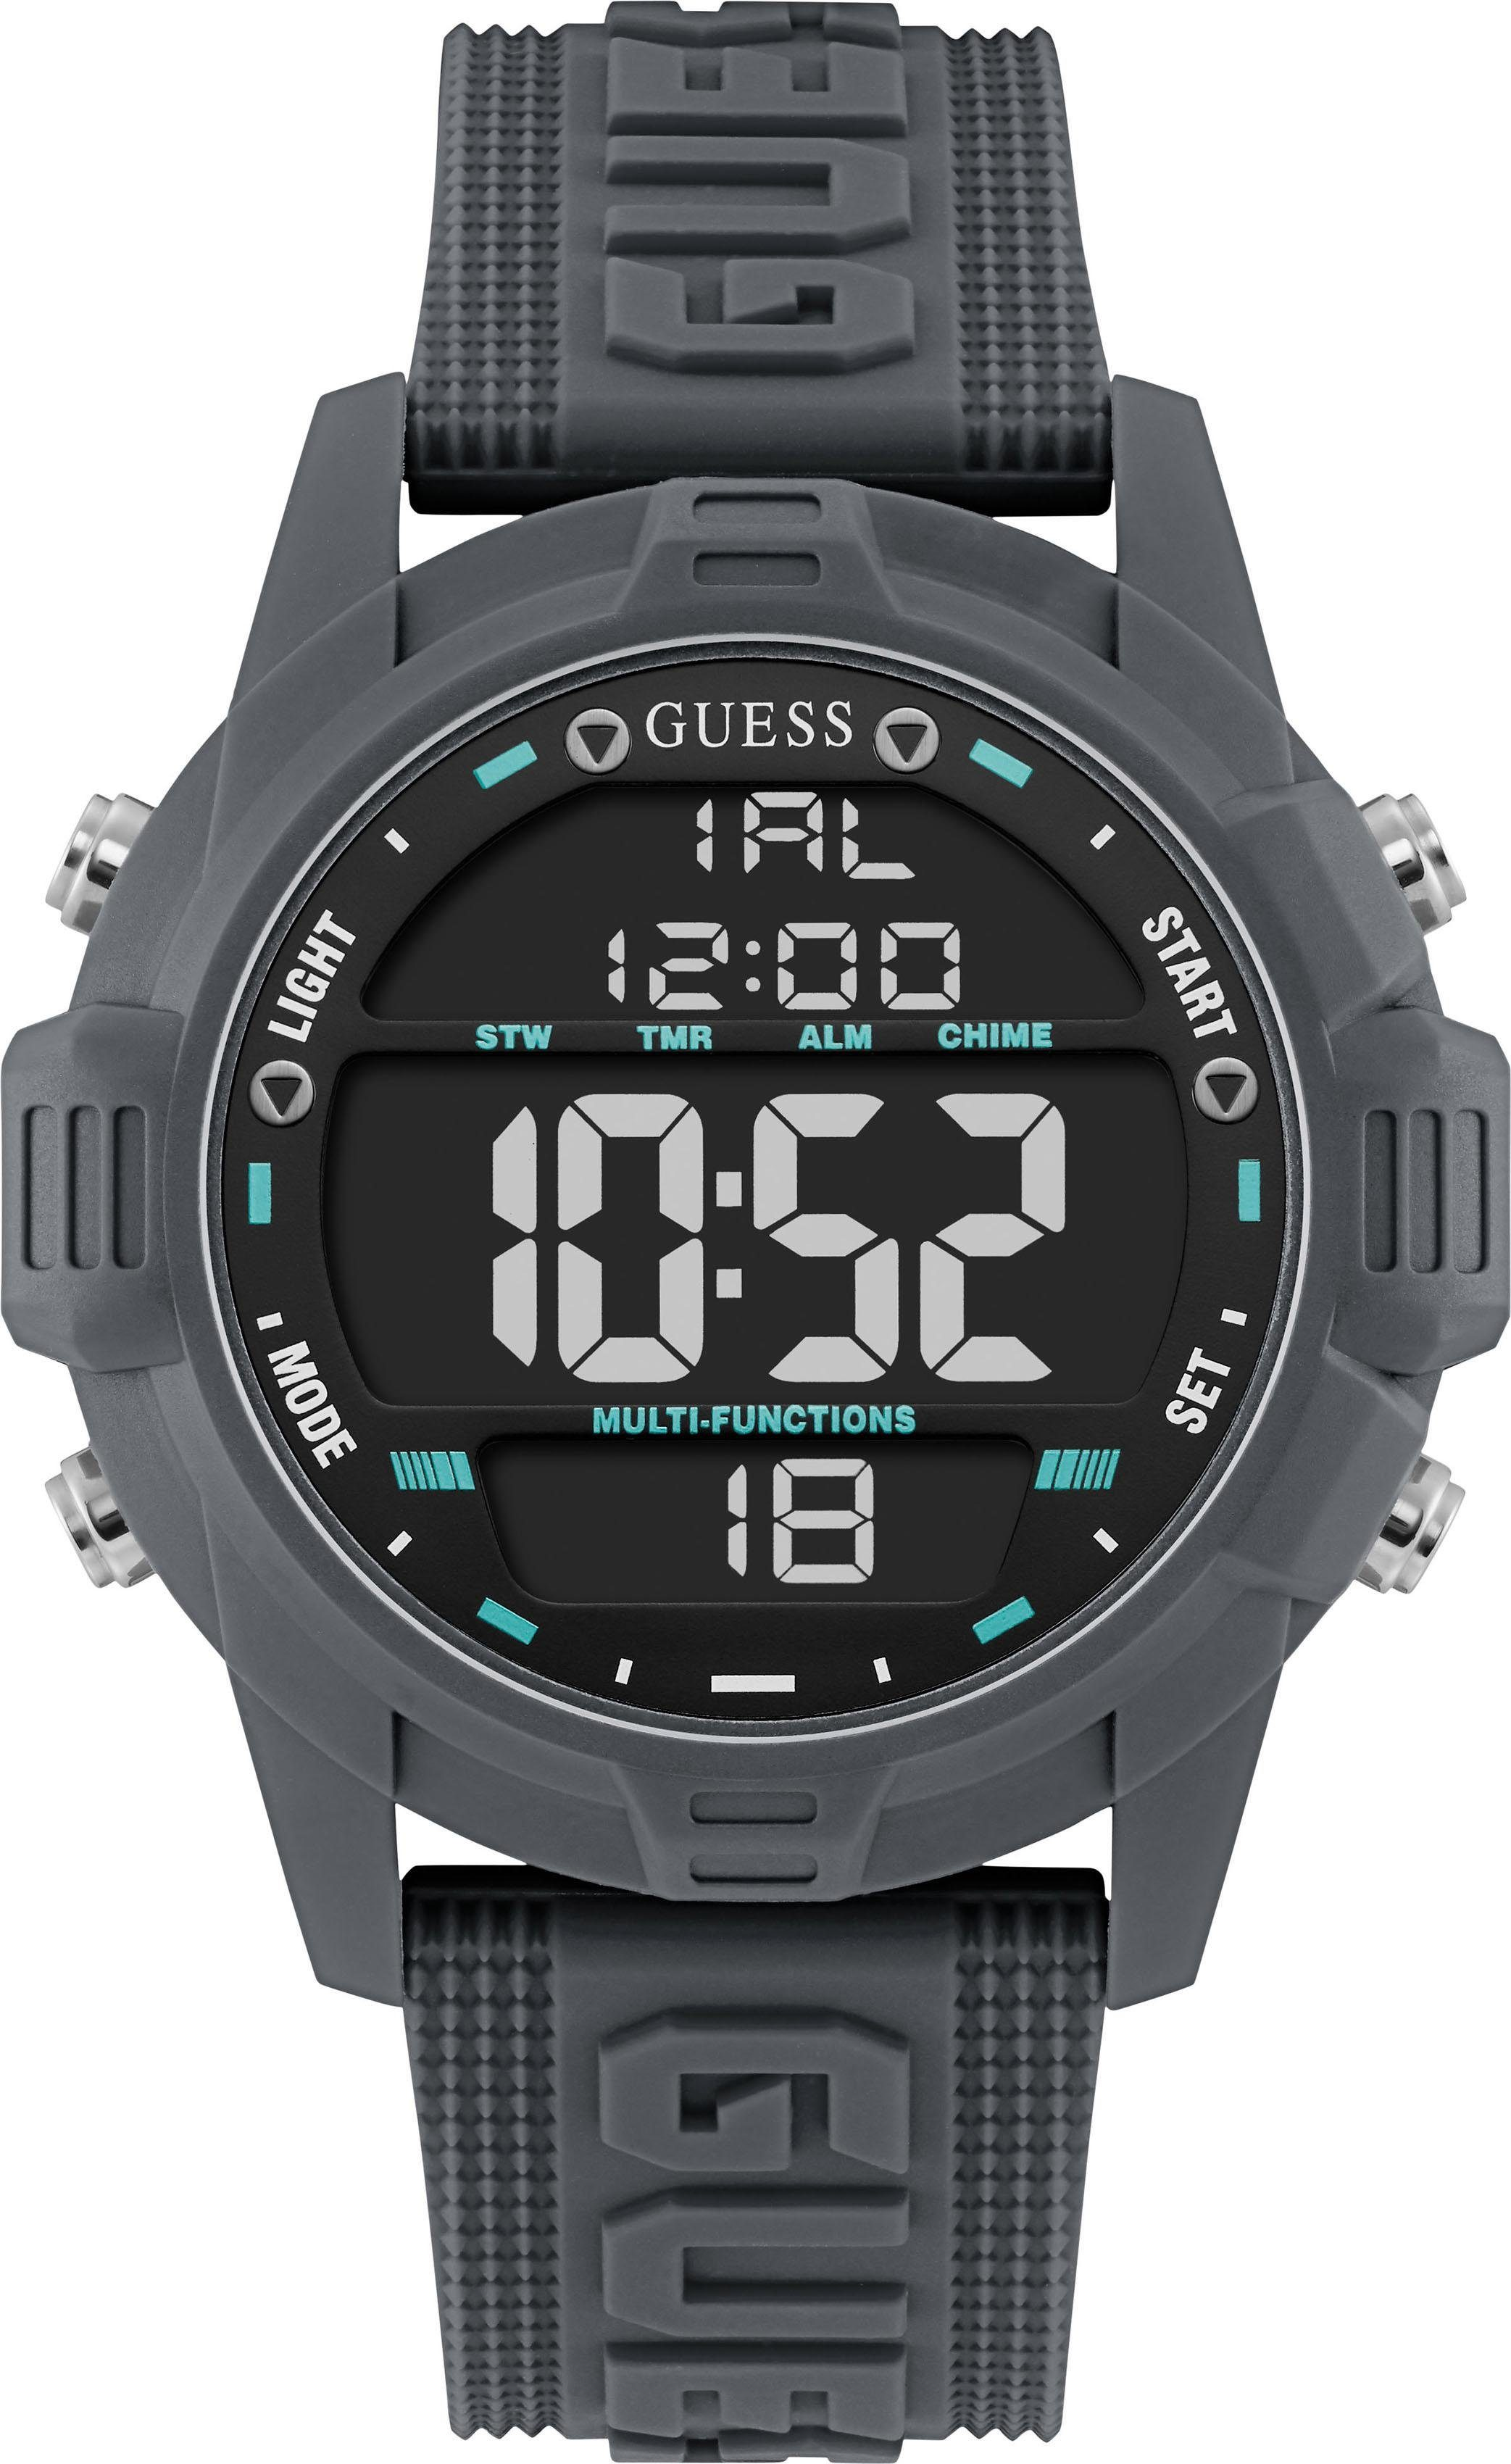 Guess Digitaluhr CHARGE W1299G5   Uhren > Digitaluhren   Guess